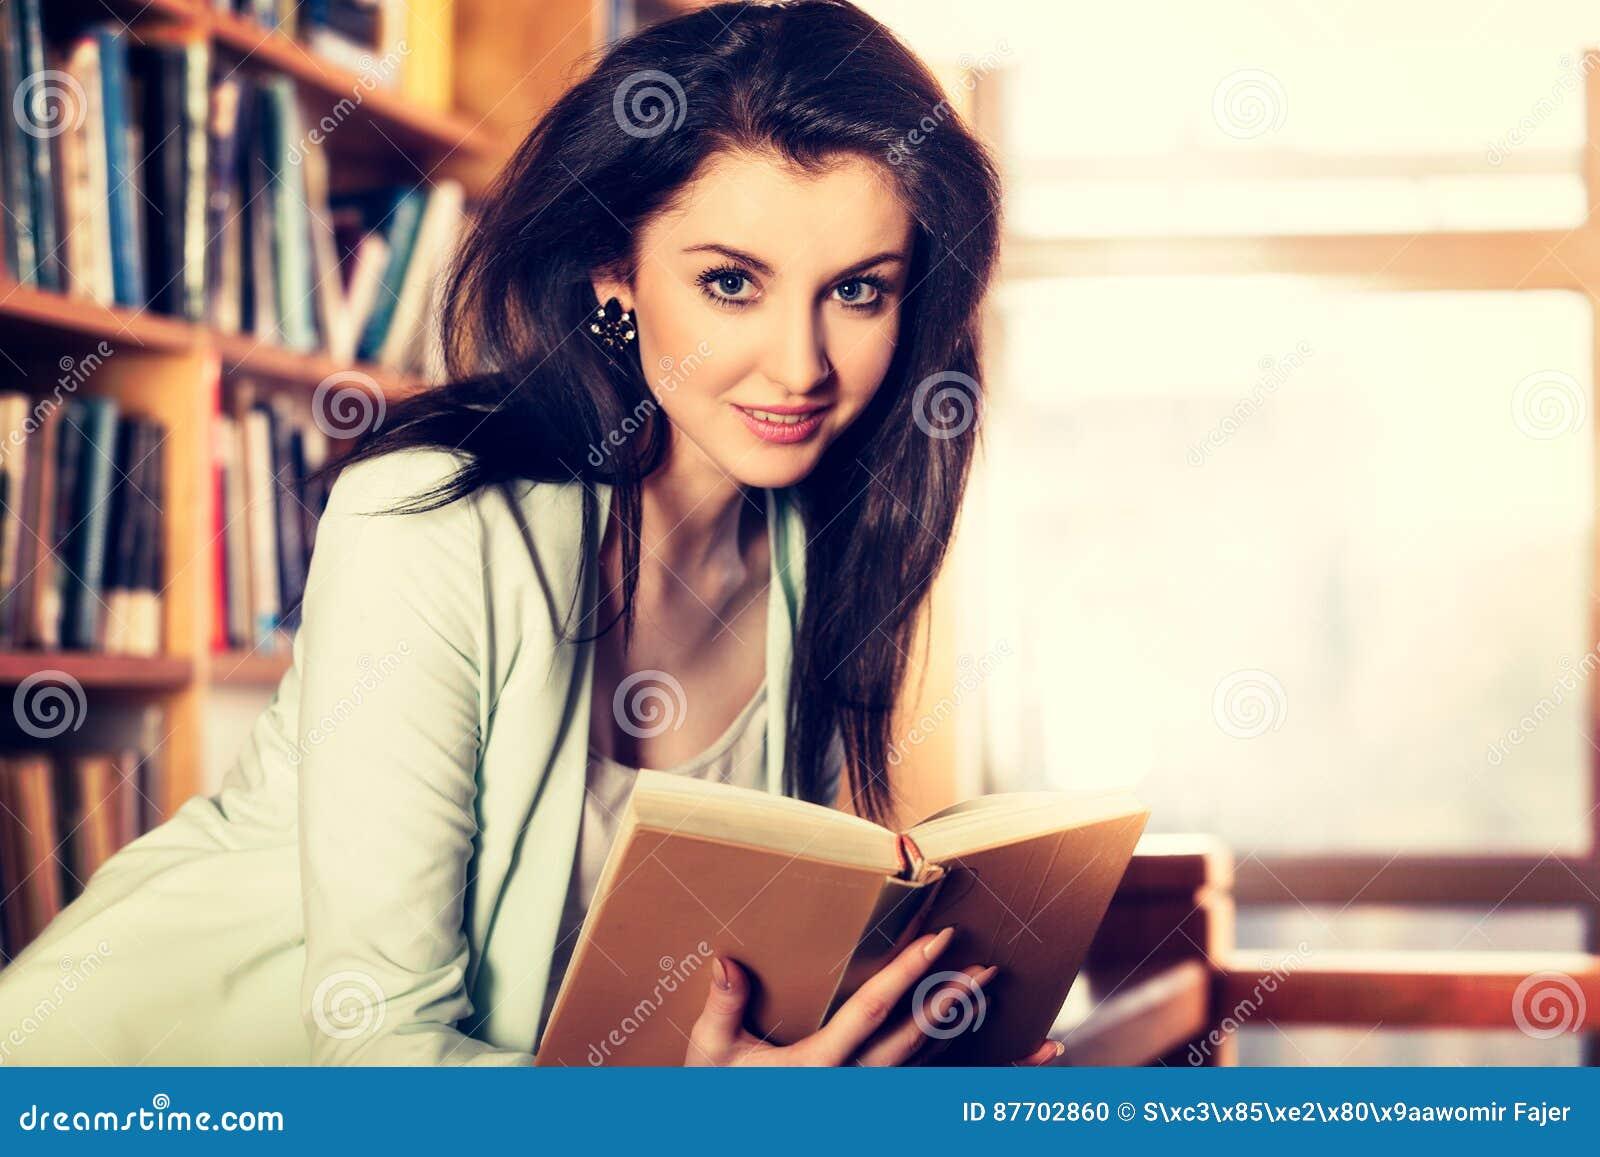 Mujer joven que lee un libro delante de los estantes